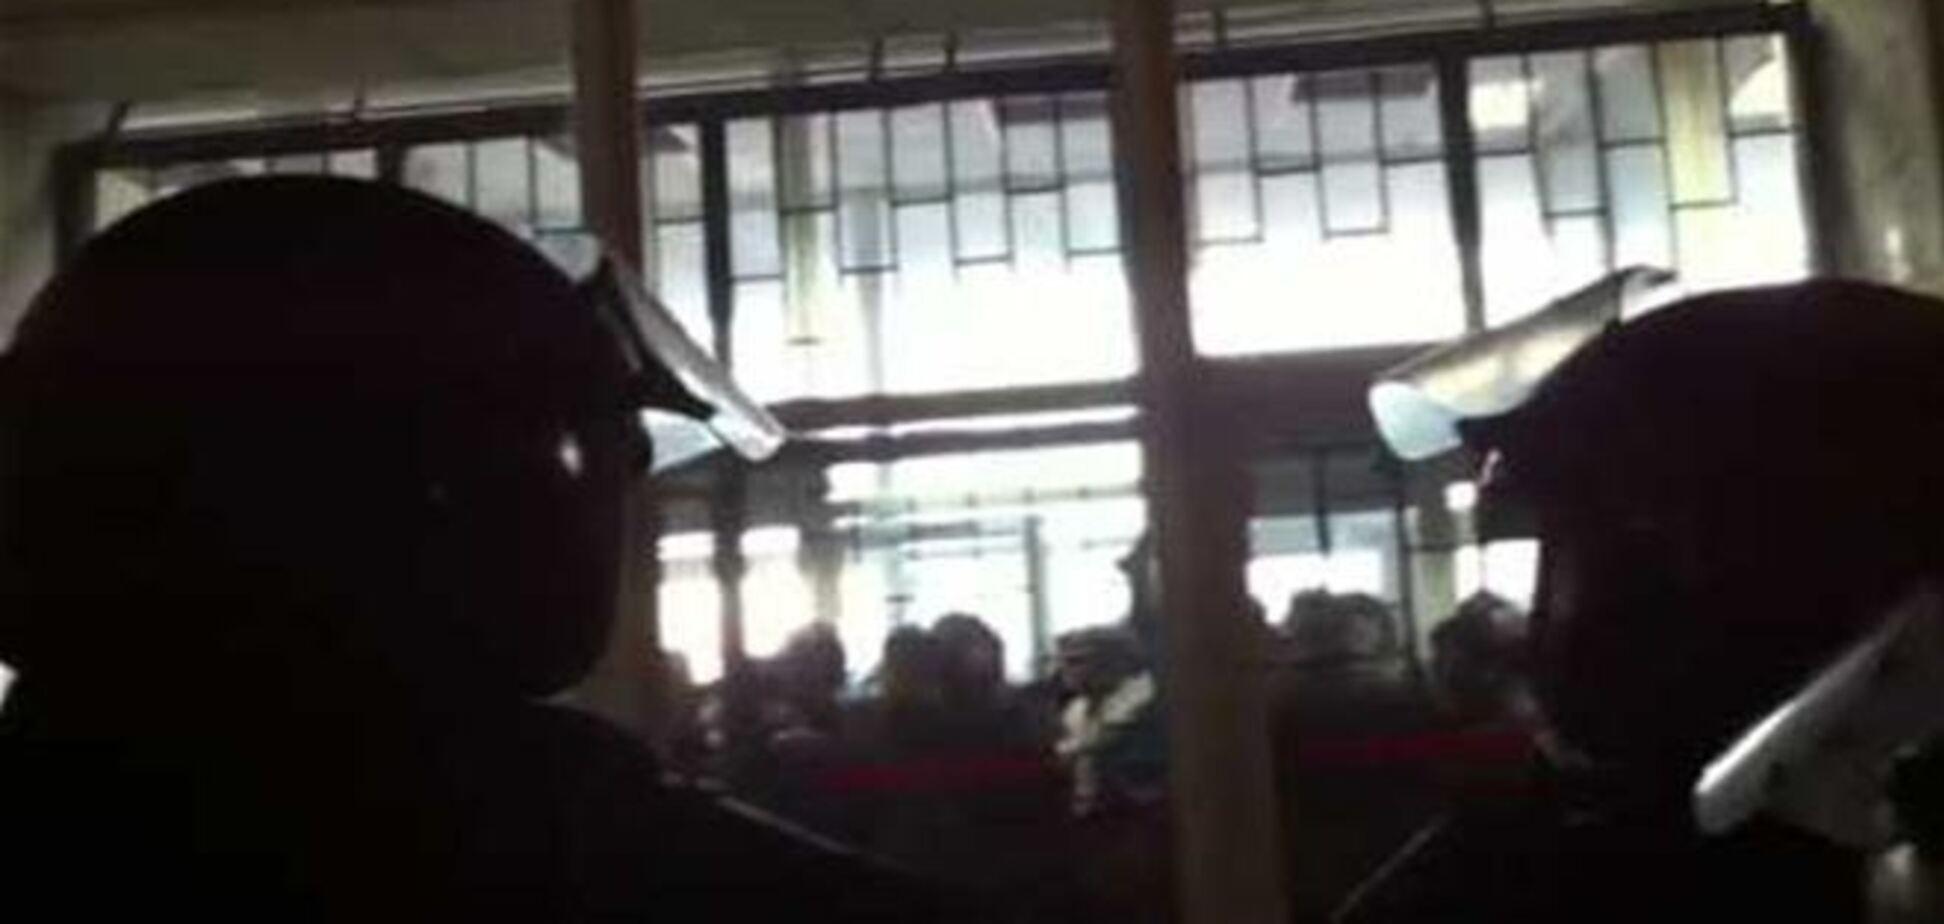 В Донецке уволили председателя ОГА, под зданием проходит митинг